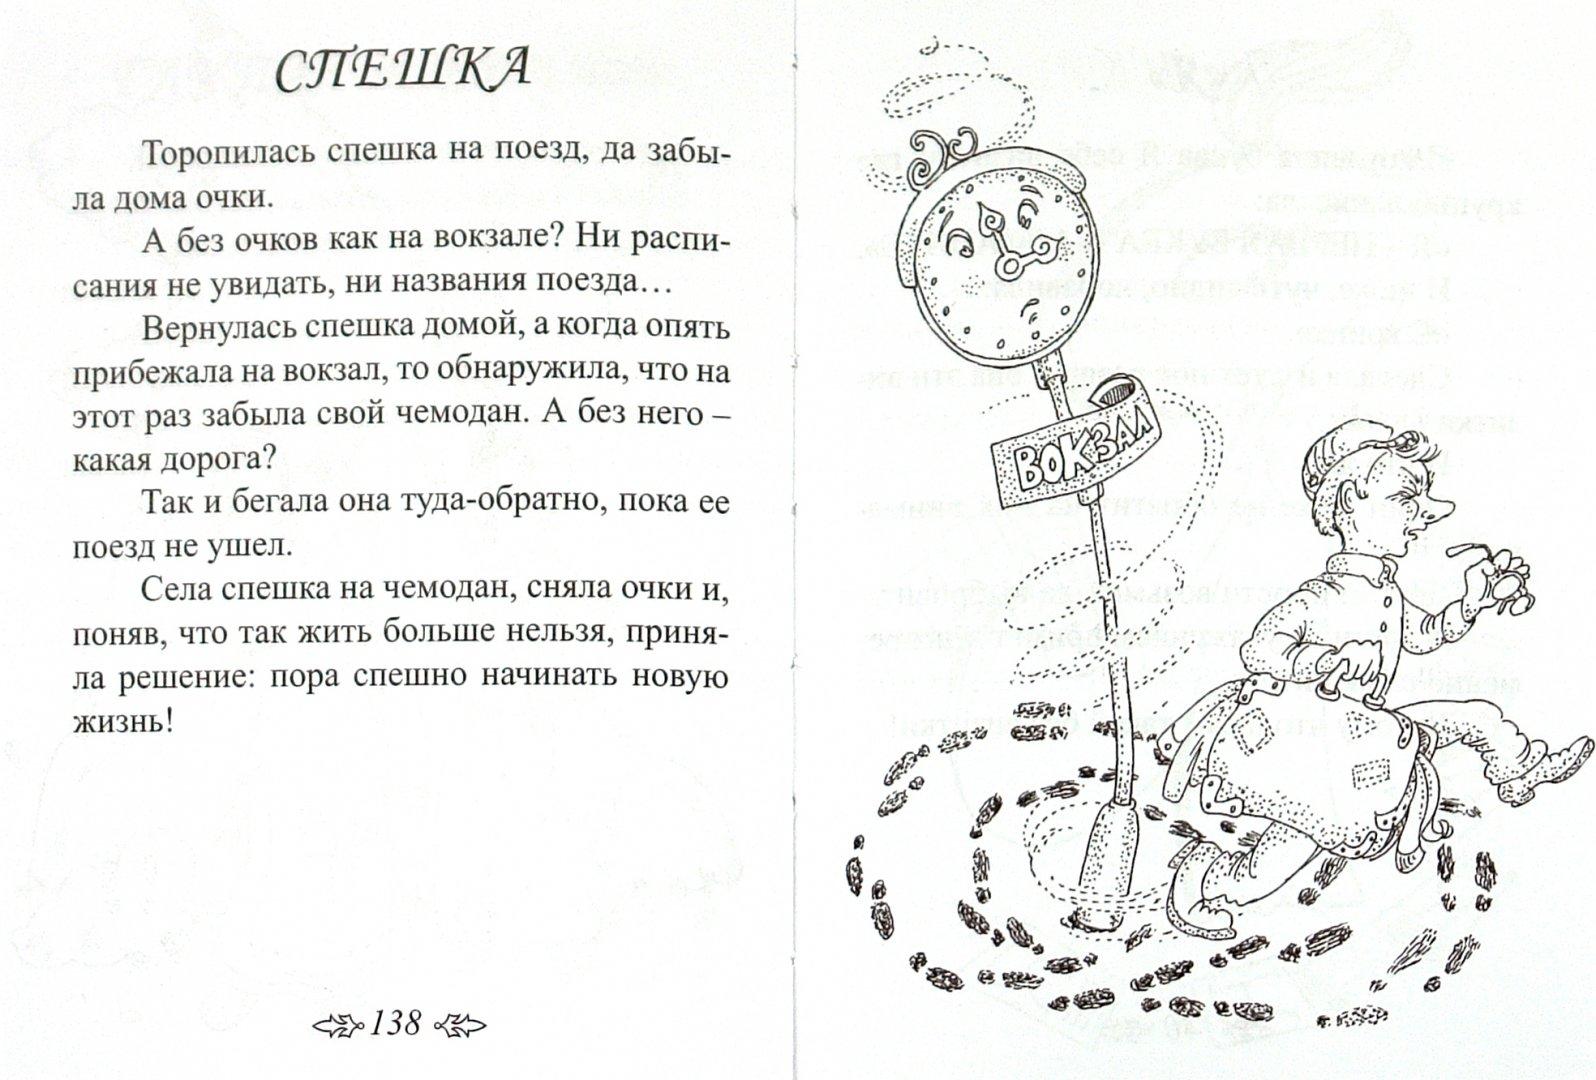 Иллюстрация 1 из 9 для Маленькие притчи для детей и взрослых - Варнава Монах | Лабиринт - книги. Источник: Лабиринт